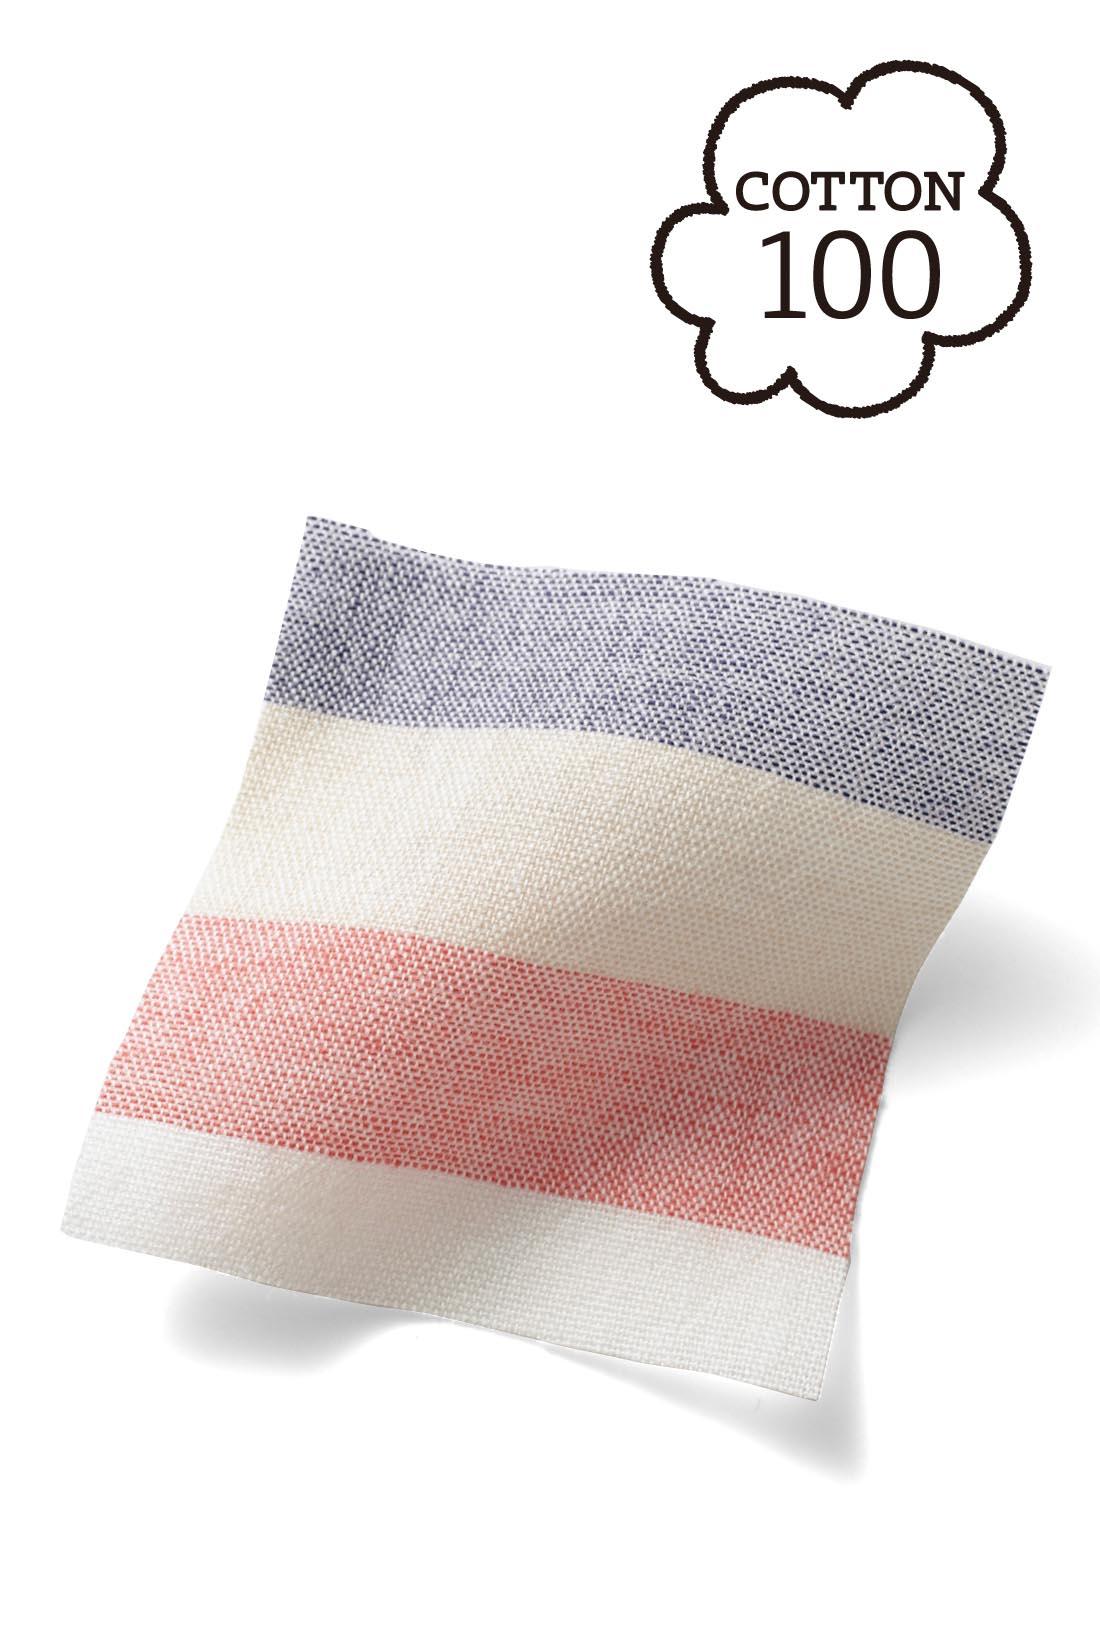 【コットン】 細番手の糸で織ることで軽さが加わって、風が通る着心地に。 ※お届けするカラーとは異なります。